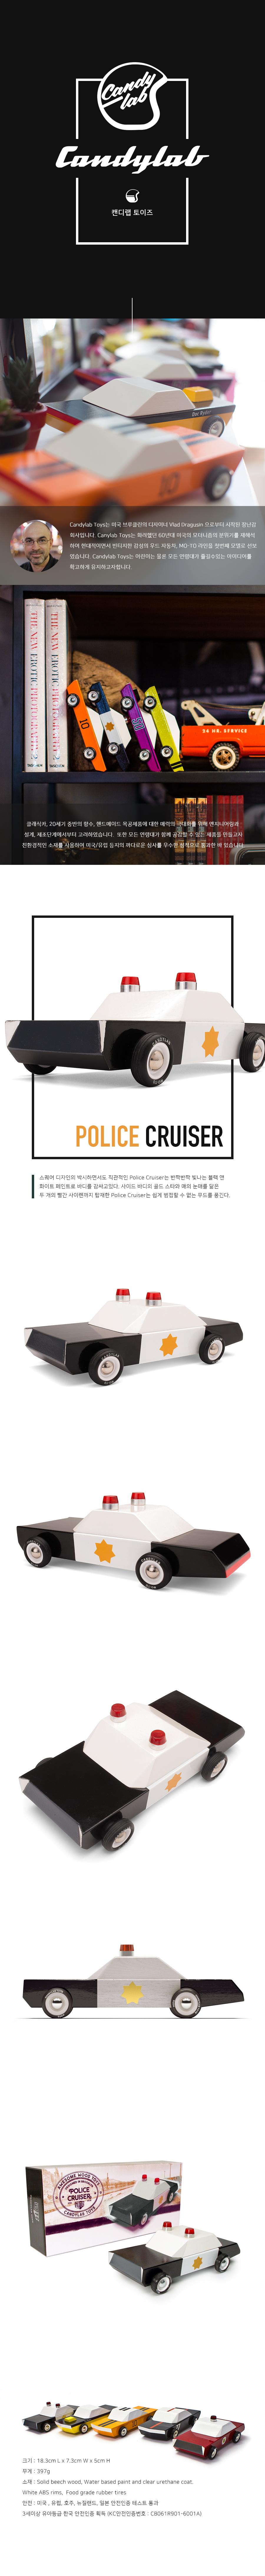 캔디랩토이즈(CANDYLABTOYS) [캔디랩토이즈] POLICE CRUISER